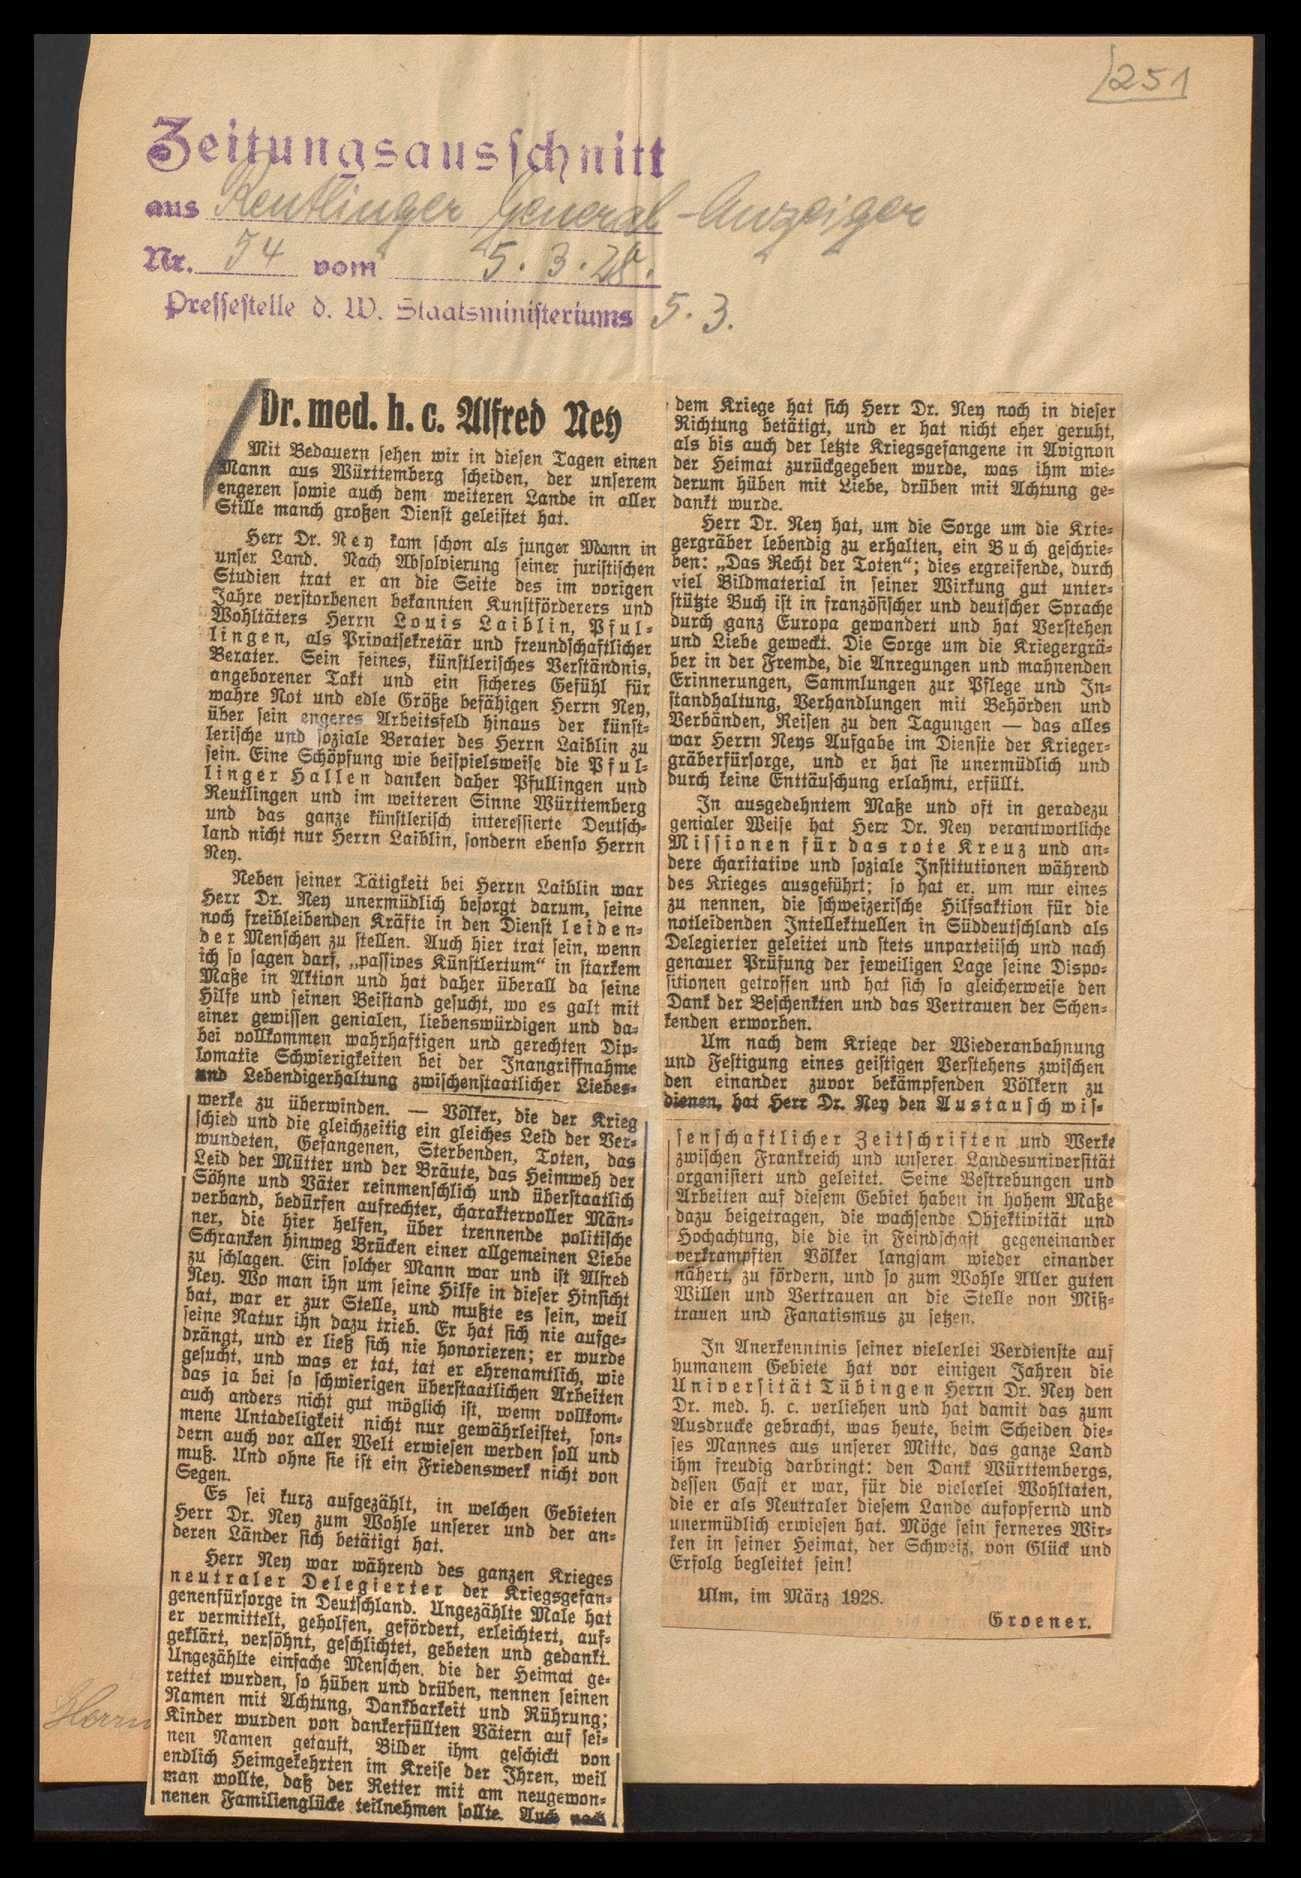 Bemühungen um Freilassung der kriegsgerichtlich bestraften deutschen Kriegsgefangenen in Avignon und ihre Rückkehr, Bild 3